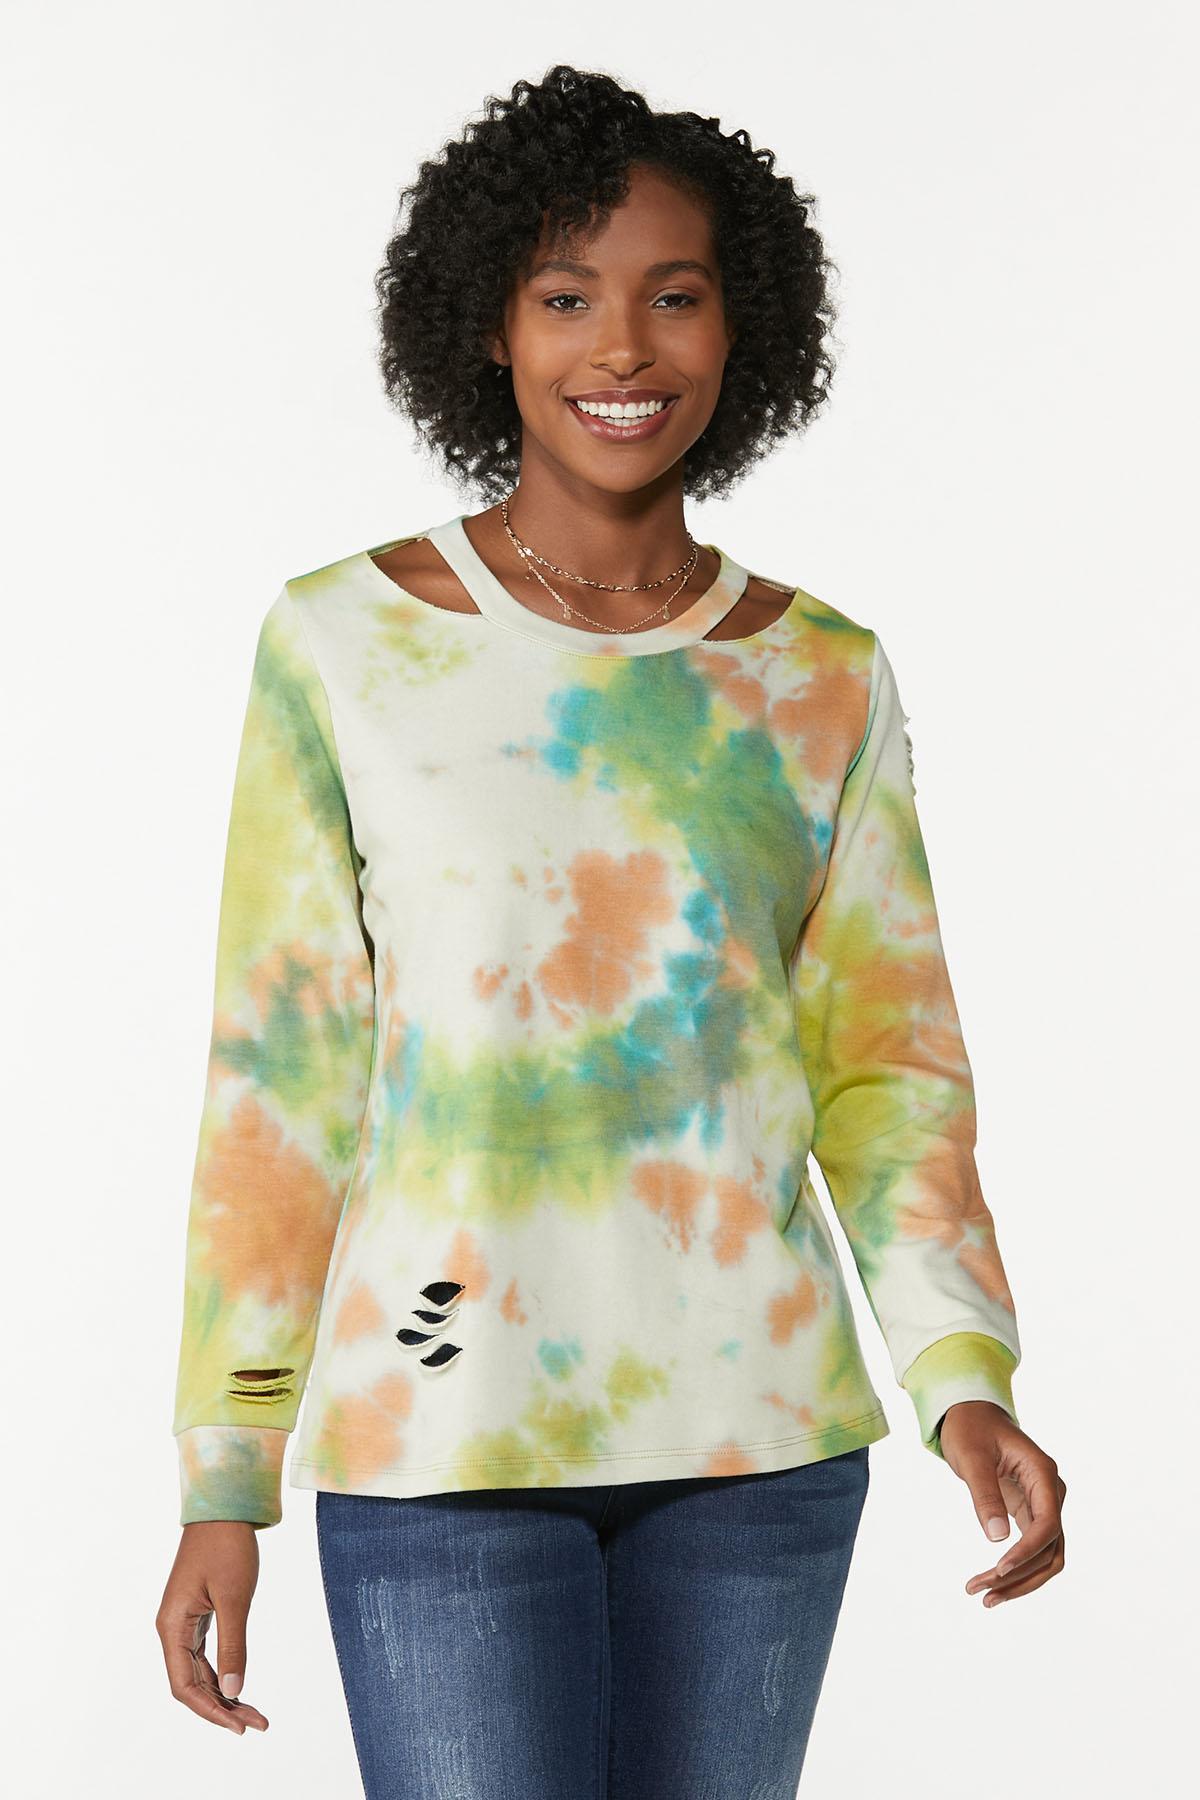 Cutout Tie Dye Sweatshirt